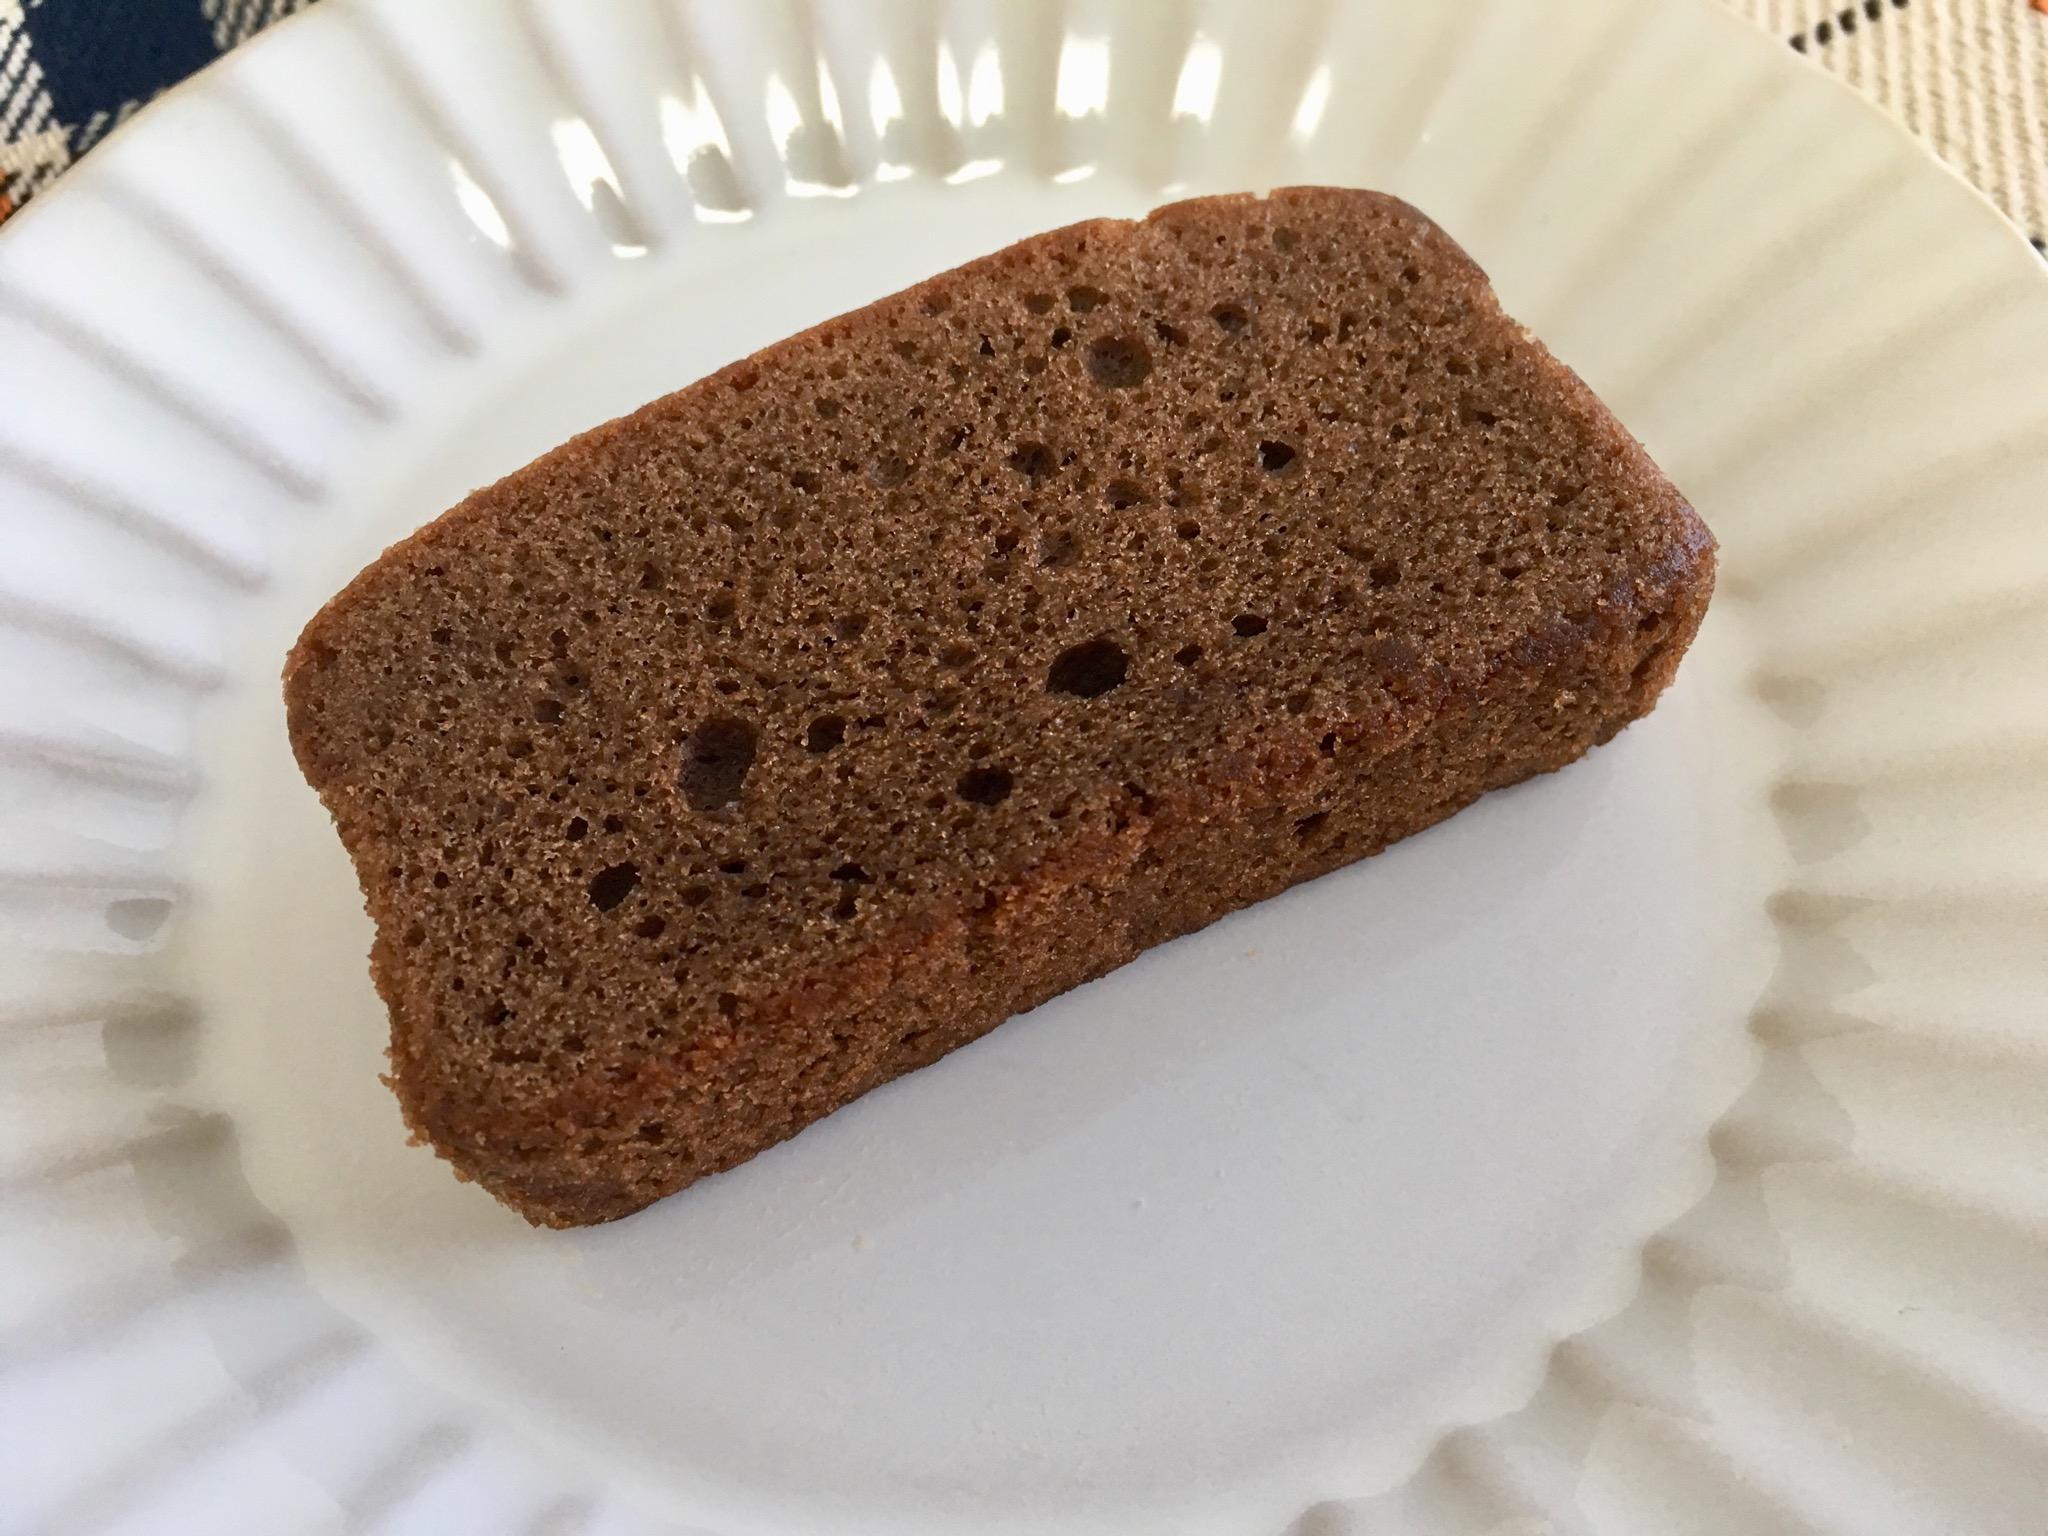 無印良品の糖質10g以下のお菓子 ショコラパウンドケーキ